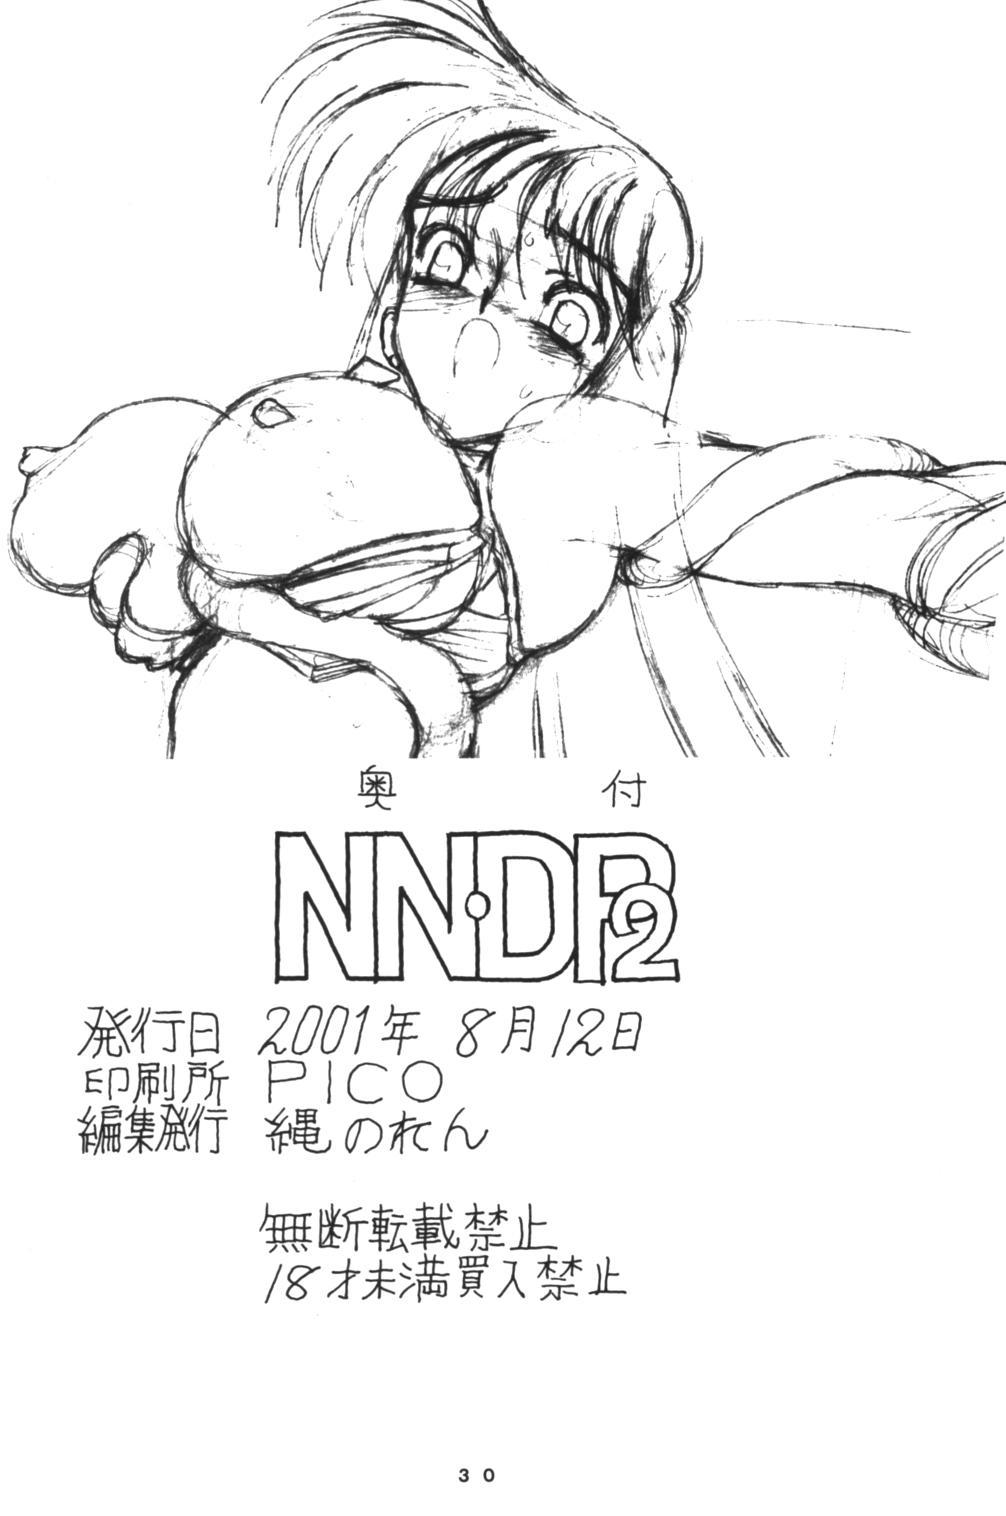 NNDP 2 28